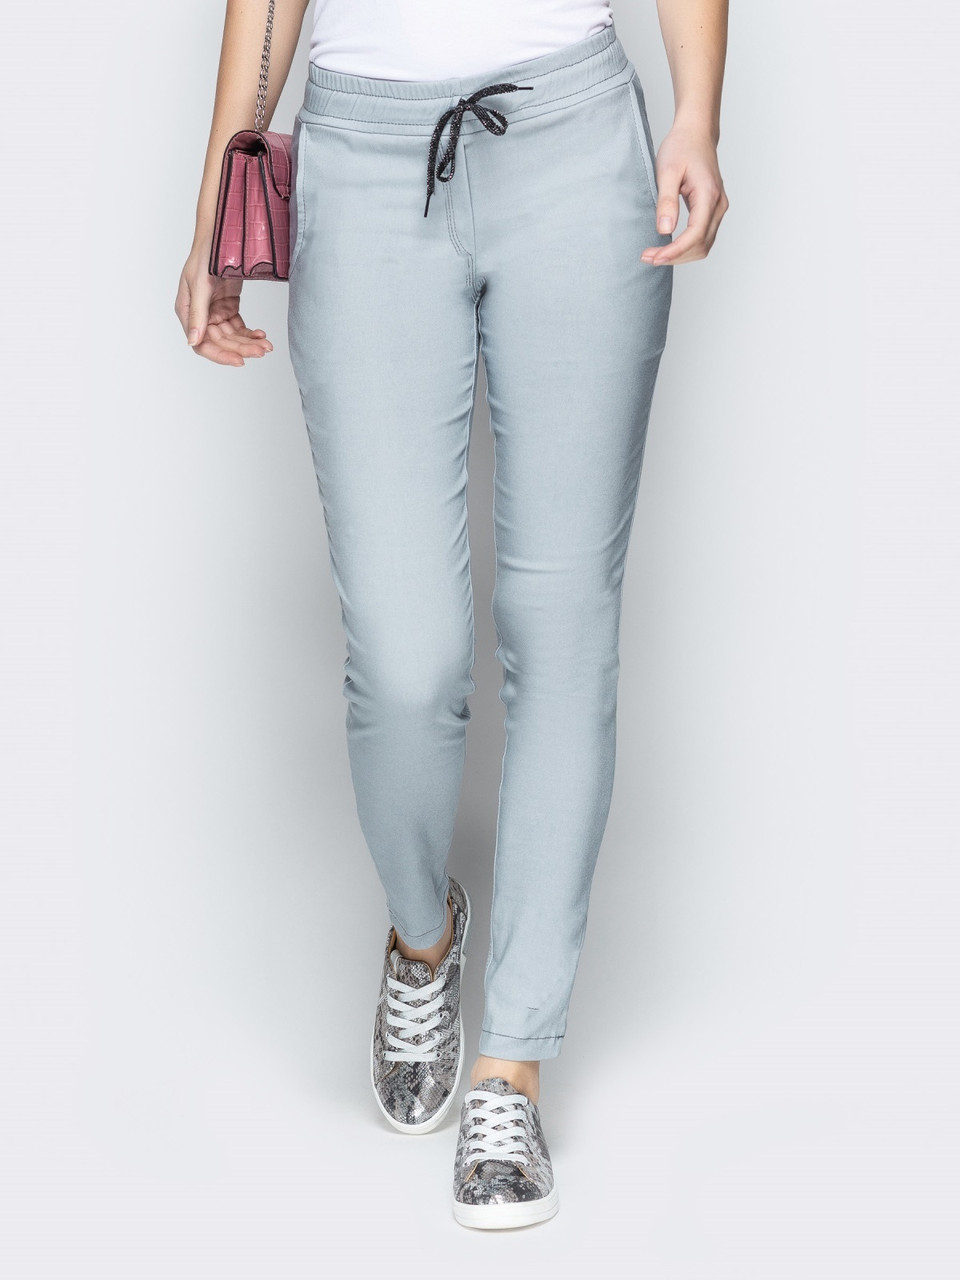 dc1bd29dda99 Зауженные женские брюки серого цвета со средней посадкой р.42,44,46,48,50:  продажа, цена ...